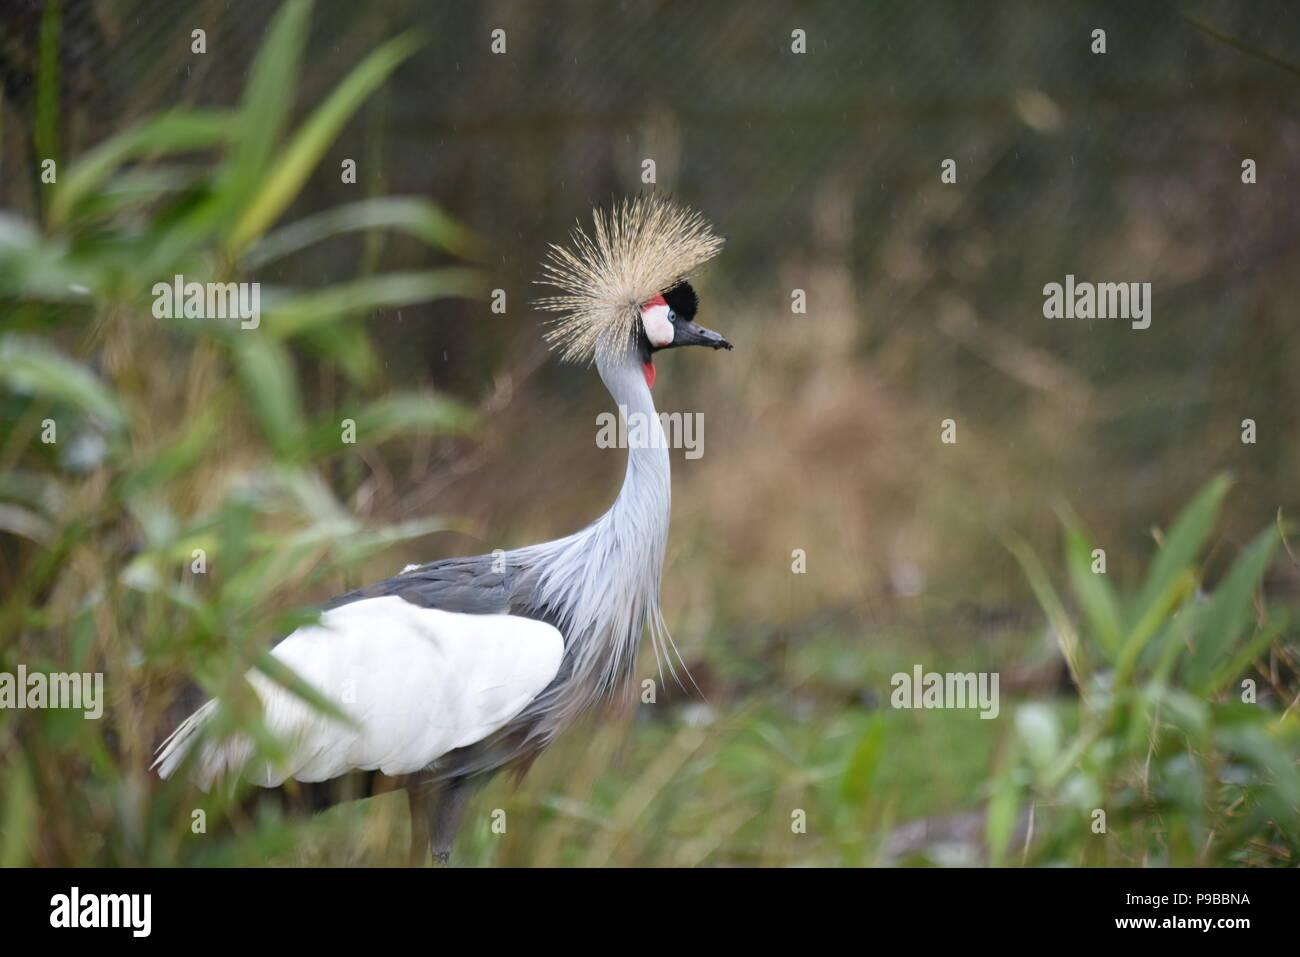 Asian Birds Stock Photos & Asian Birds Stock Images - Alamy